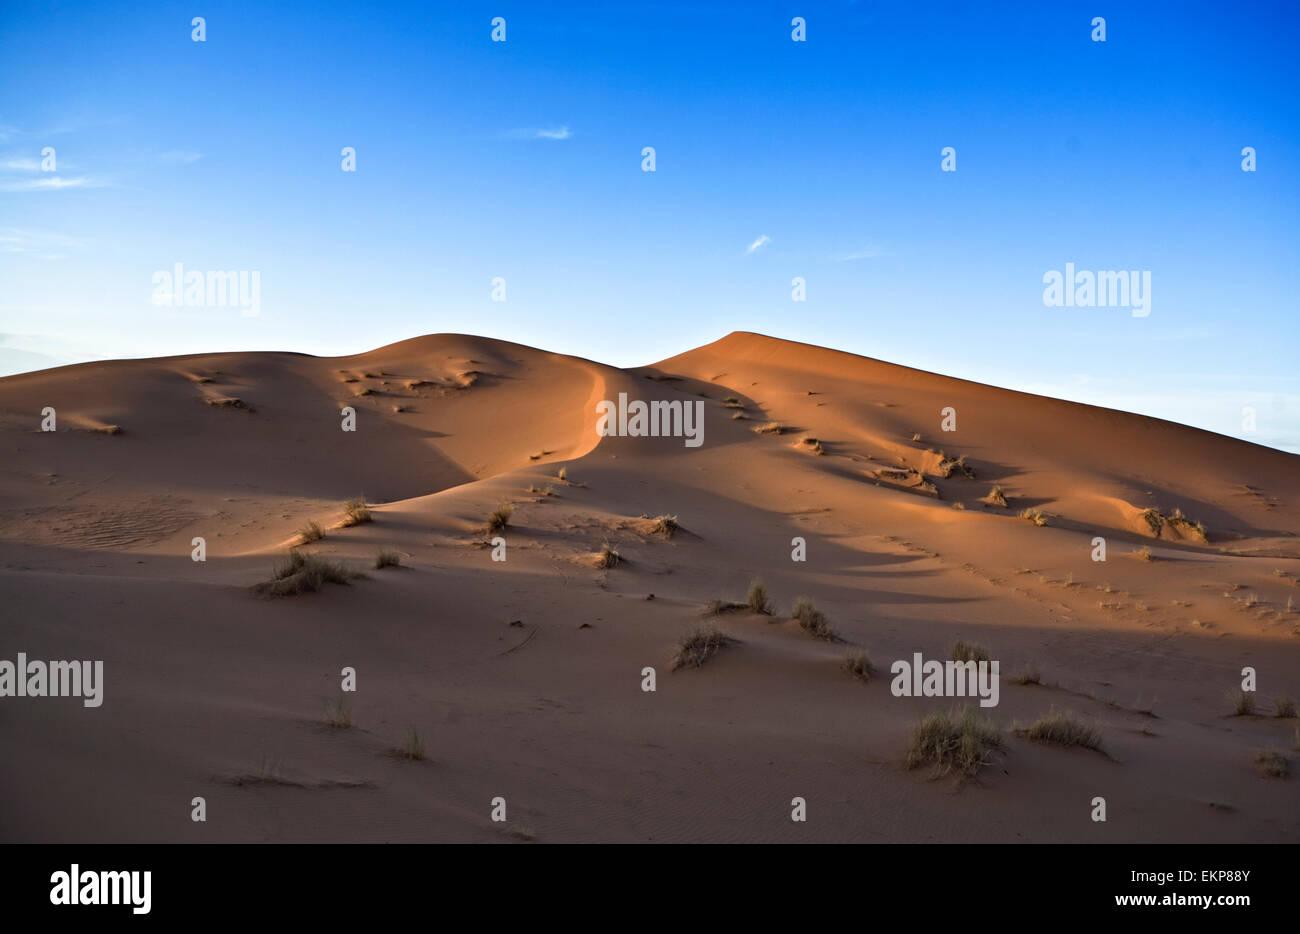 Varios Sand Hill en Erg Chebbi en el desierto del Sáhara. ers son grandes dunas formadas por el viento de arena de Marruecos. Foto de stock